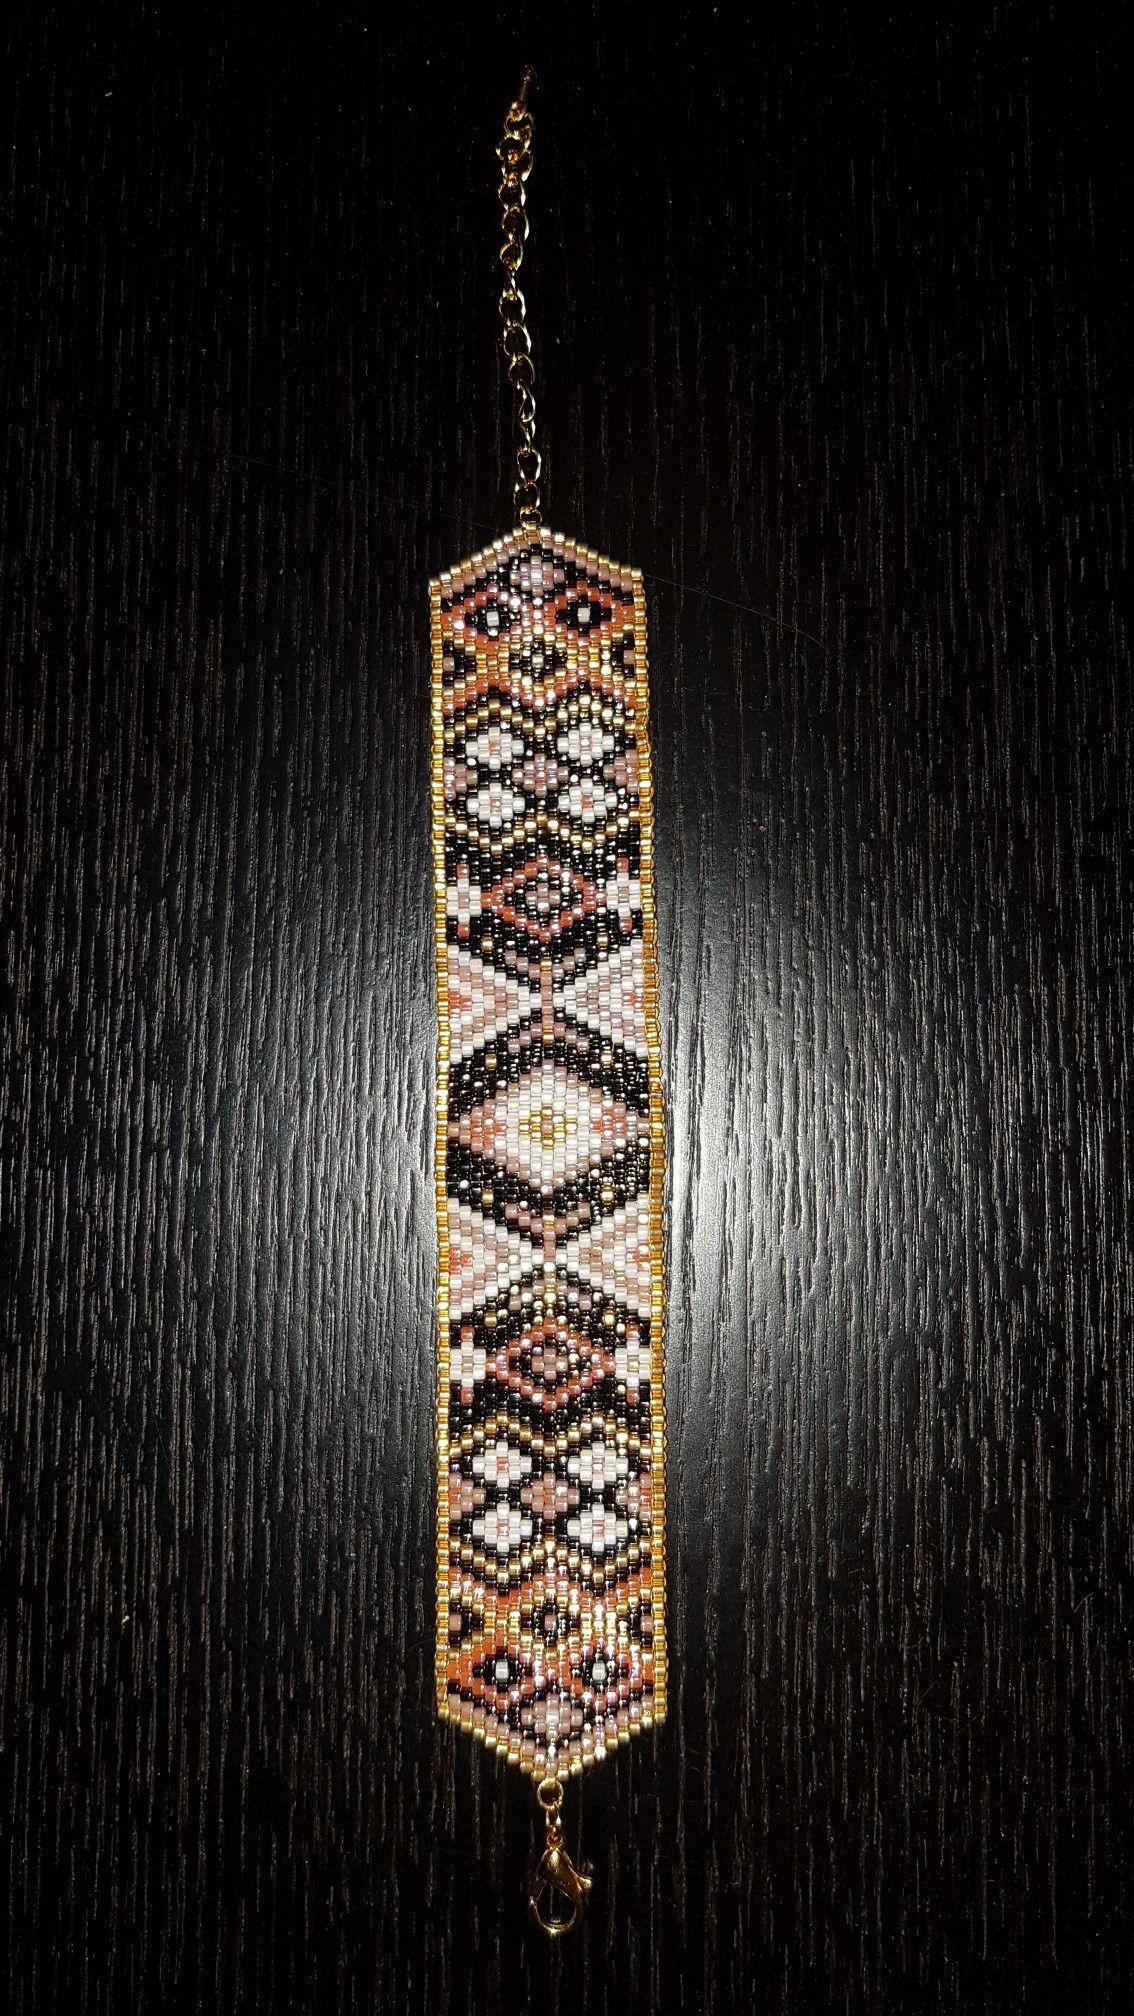 Bracelet Perles Miyuki - Tissage peyote - Modèle Perles & Co détourné